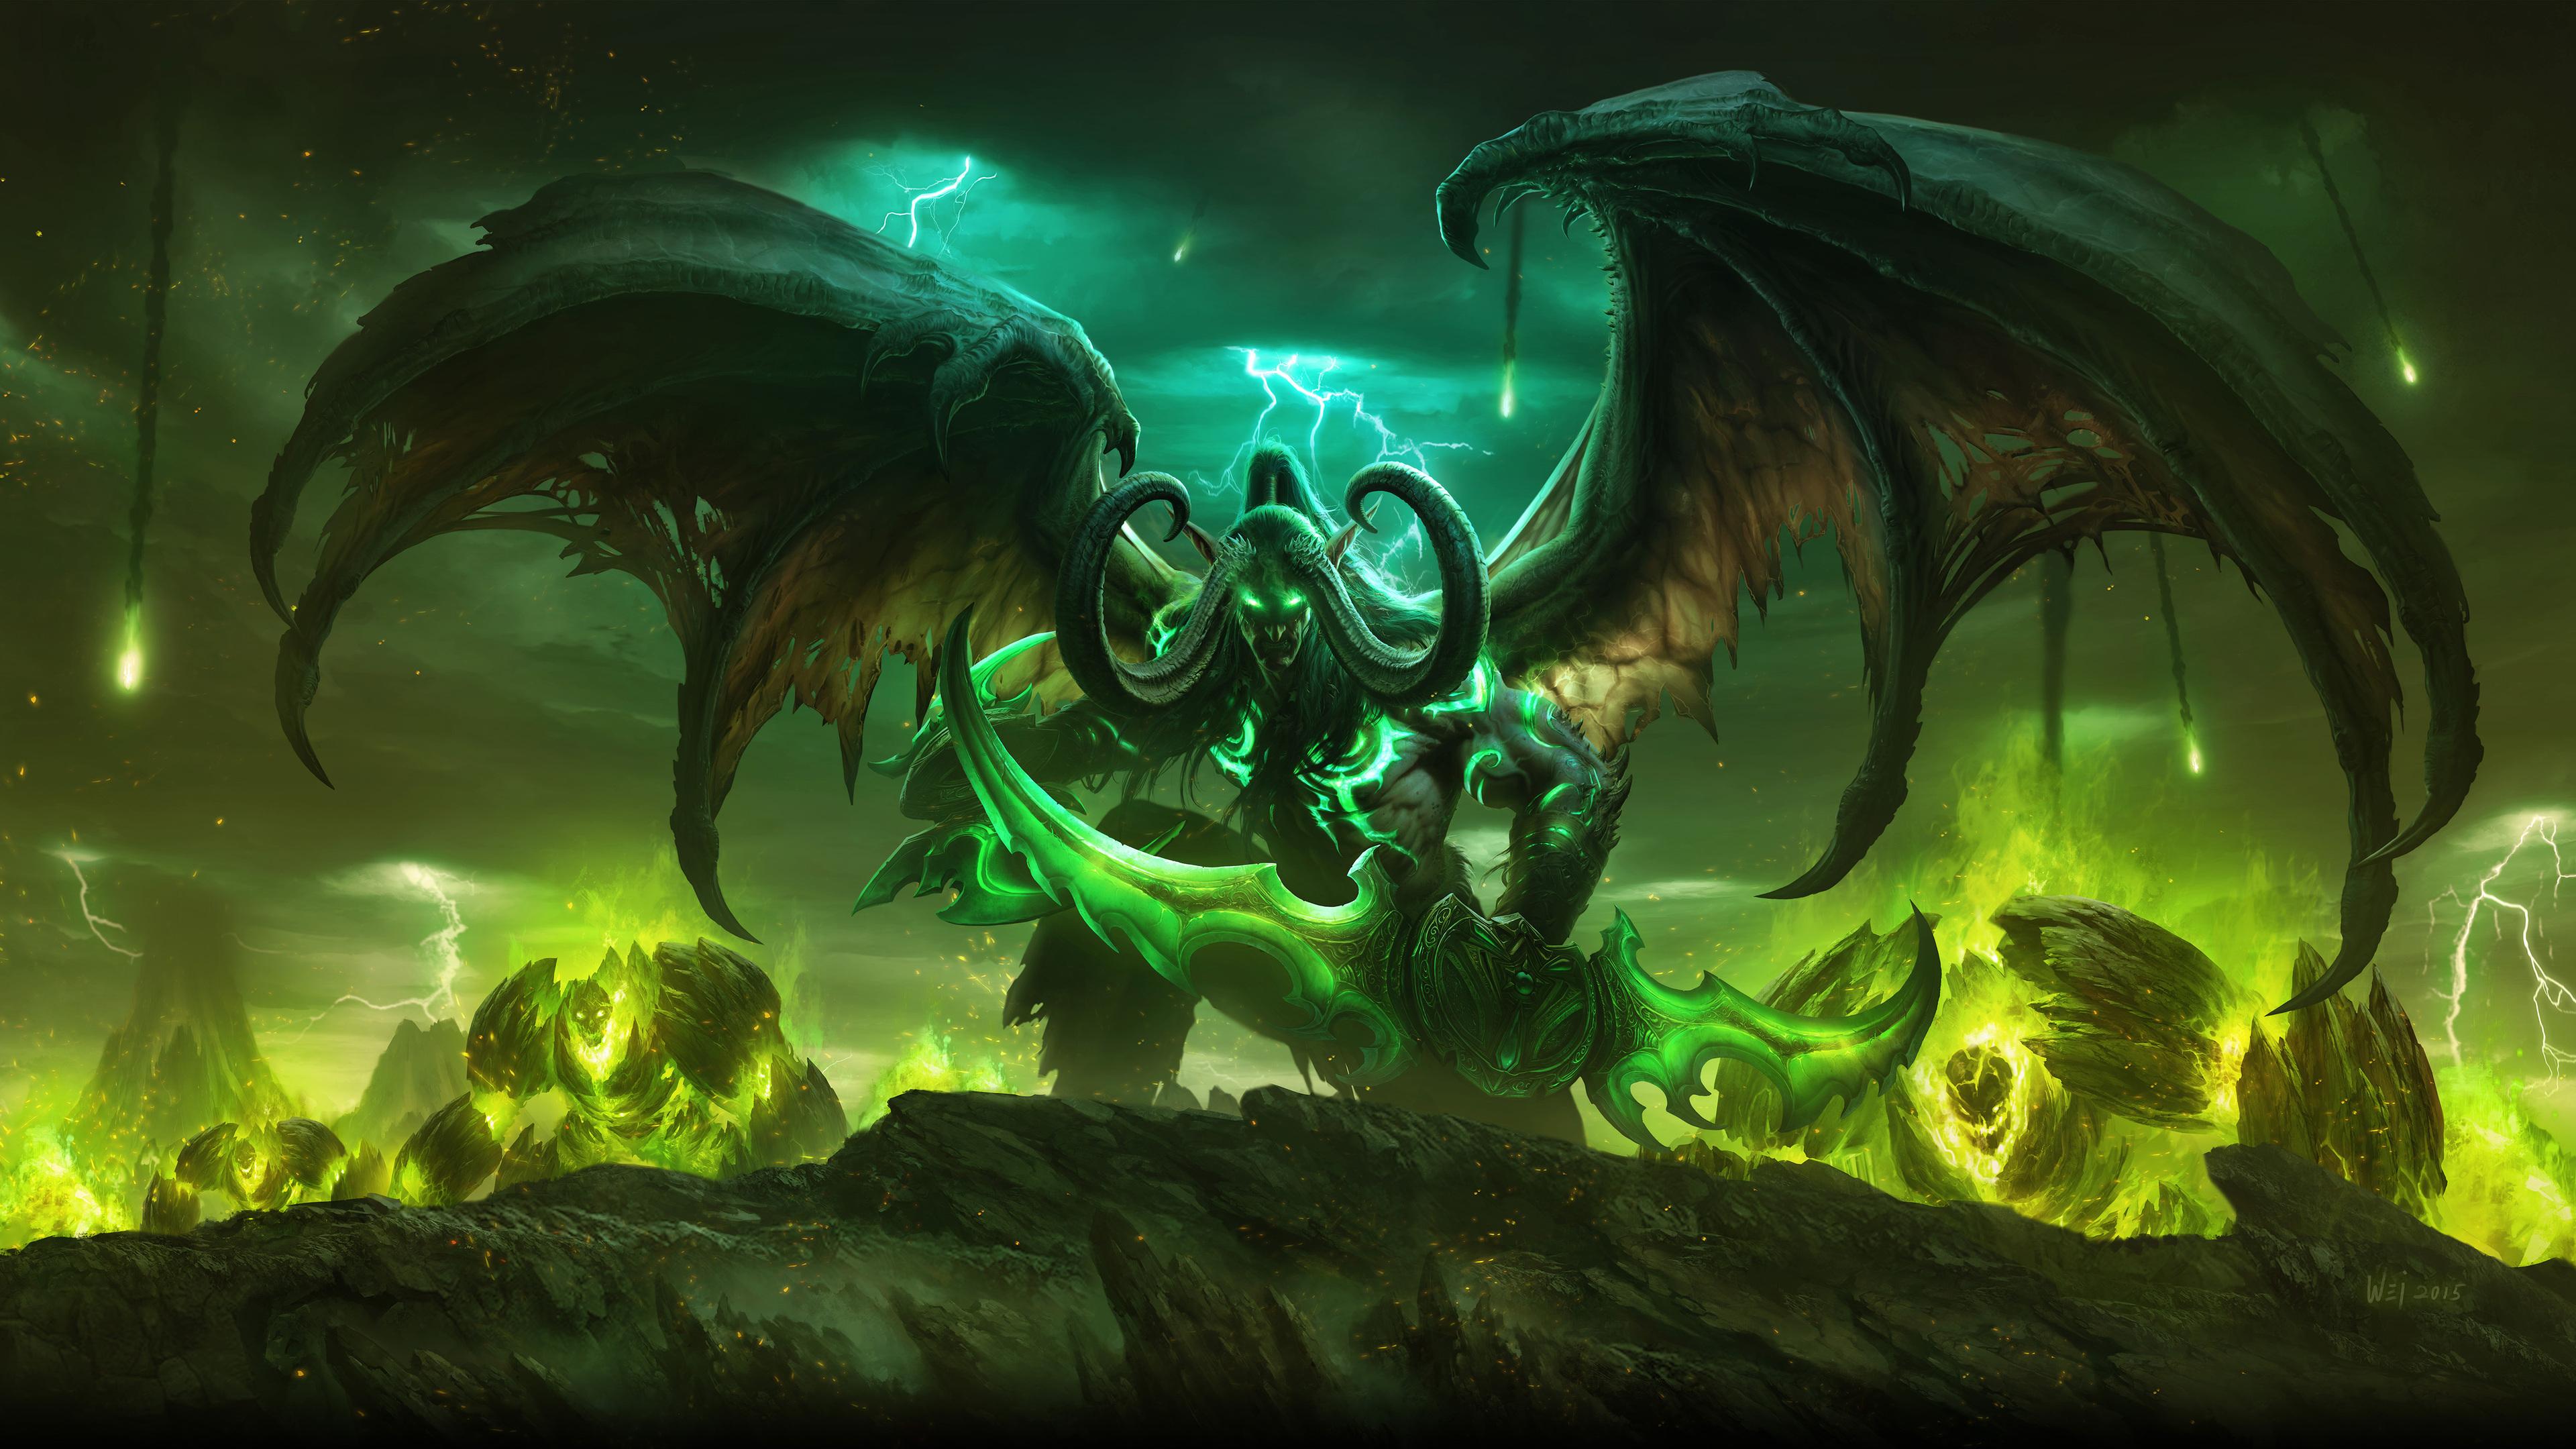 world-of-warcraft-legion-5k-yy.jpg